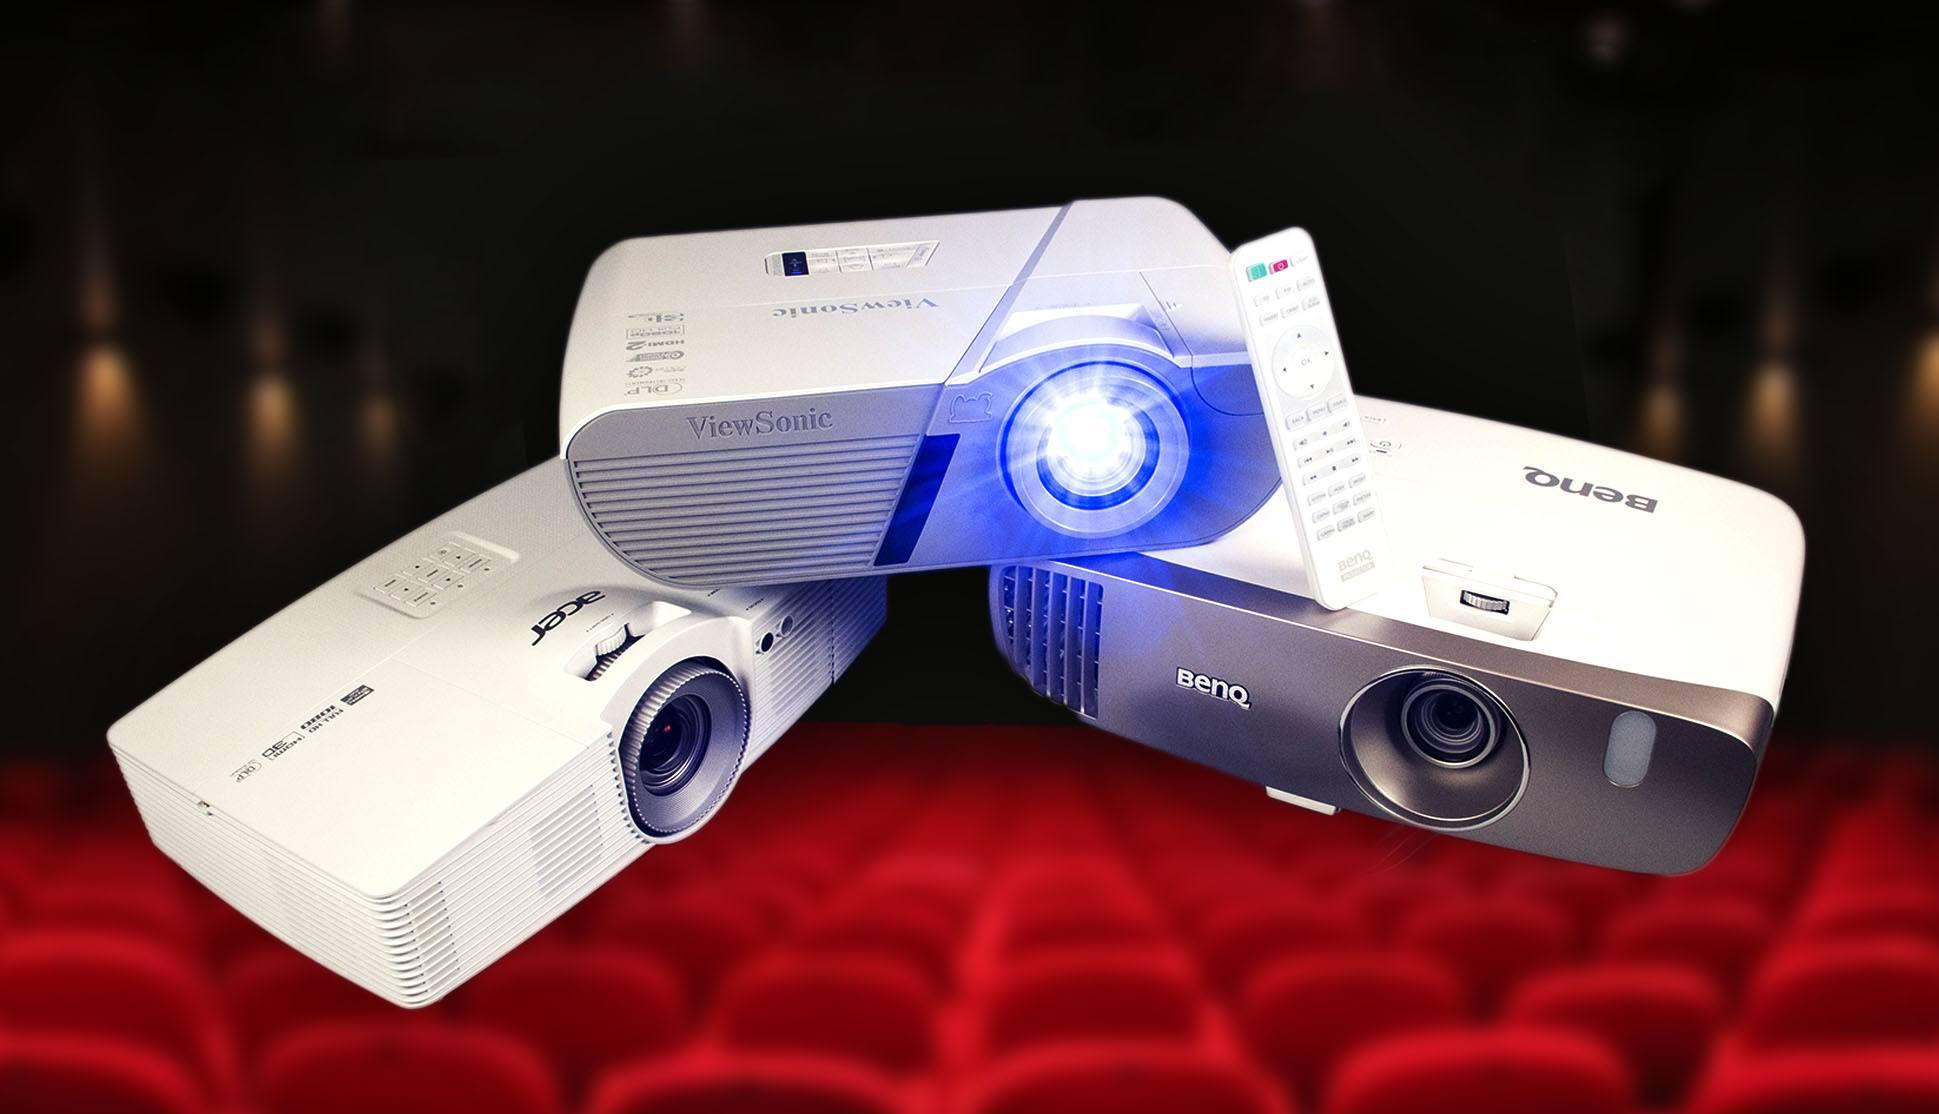 Comment Choisir Un Vidéoprojecteur pico projecteur : notre guide d'achat d'un mini videoprojecteur